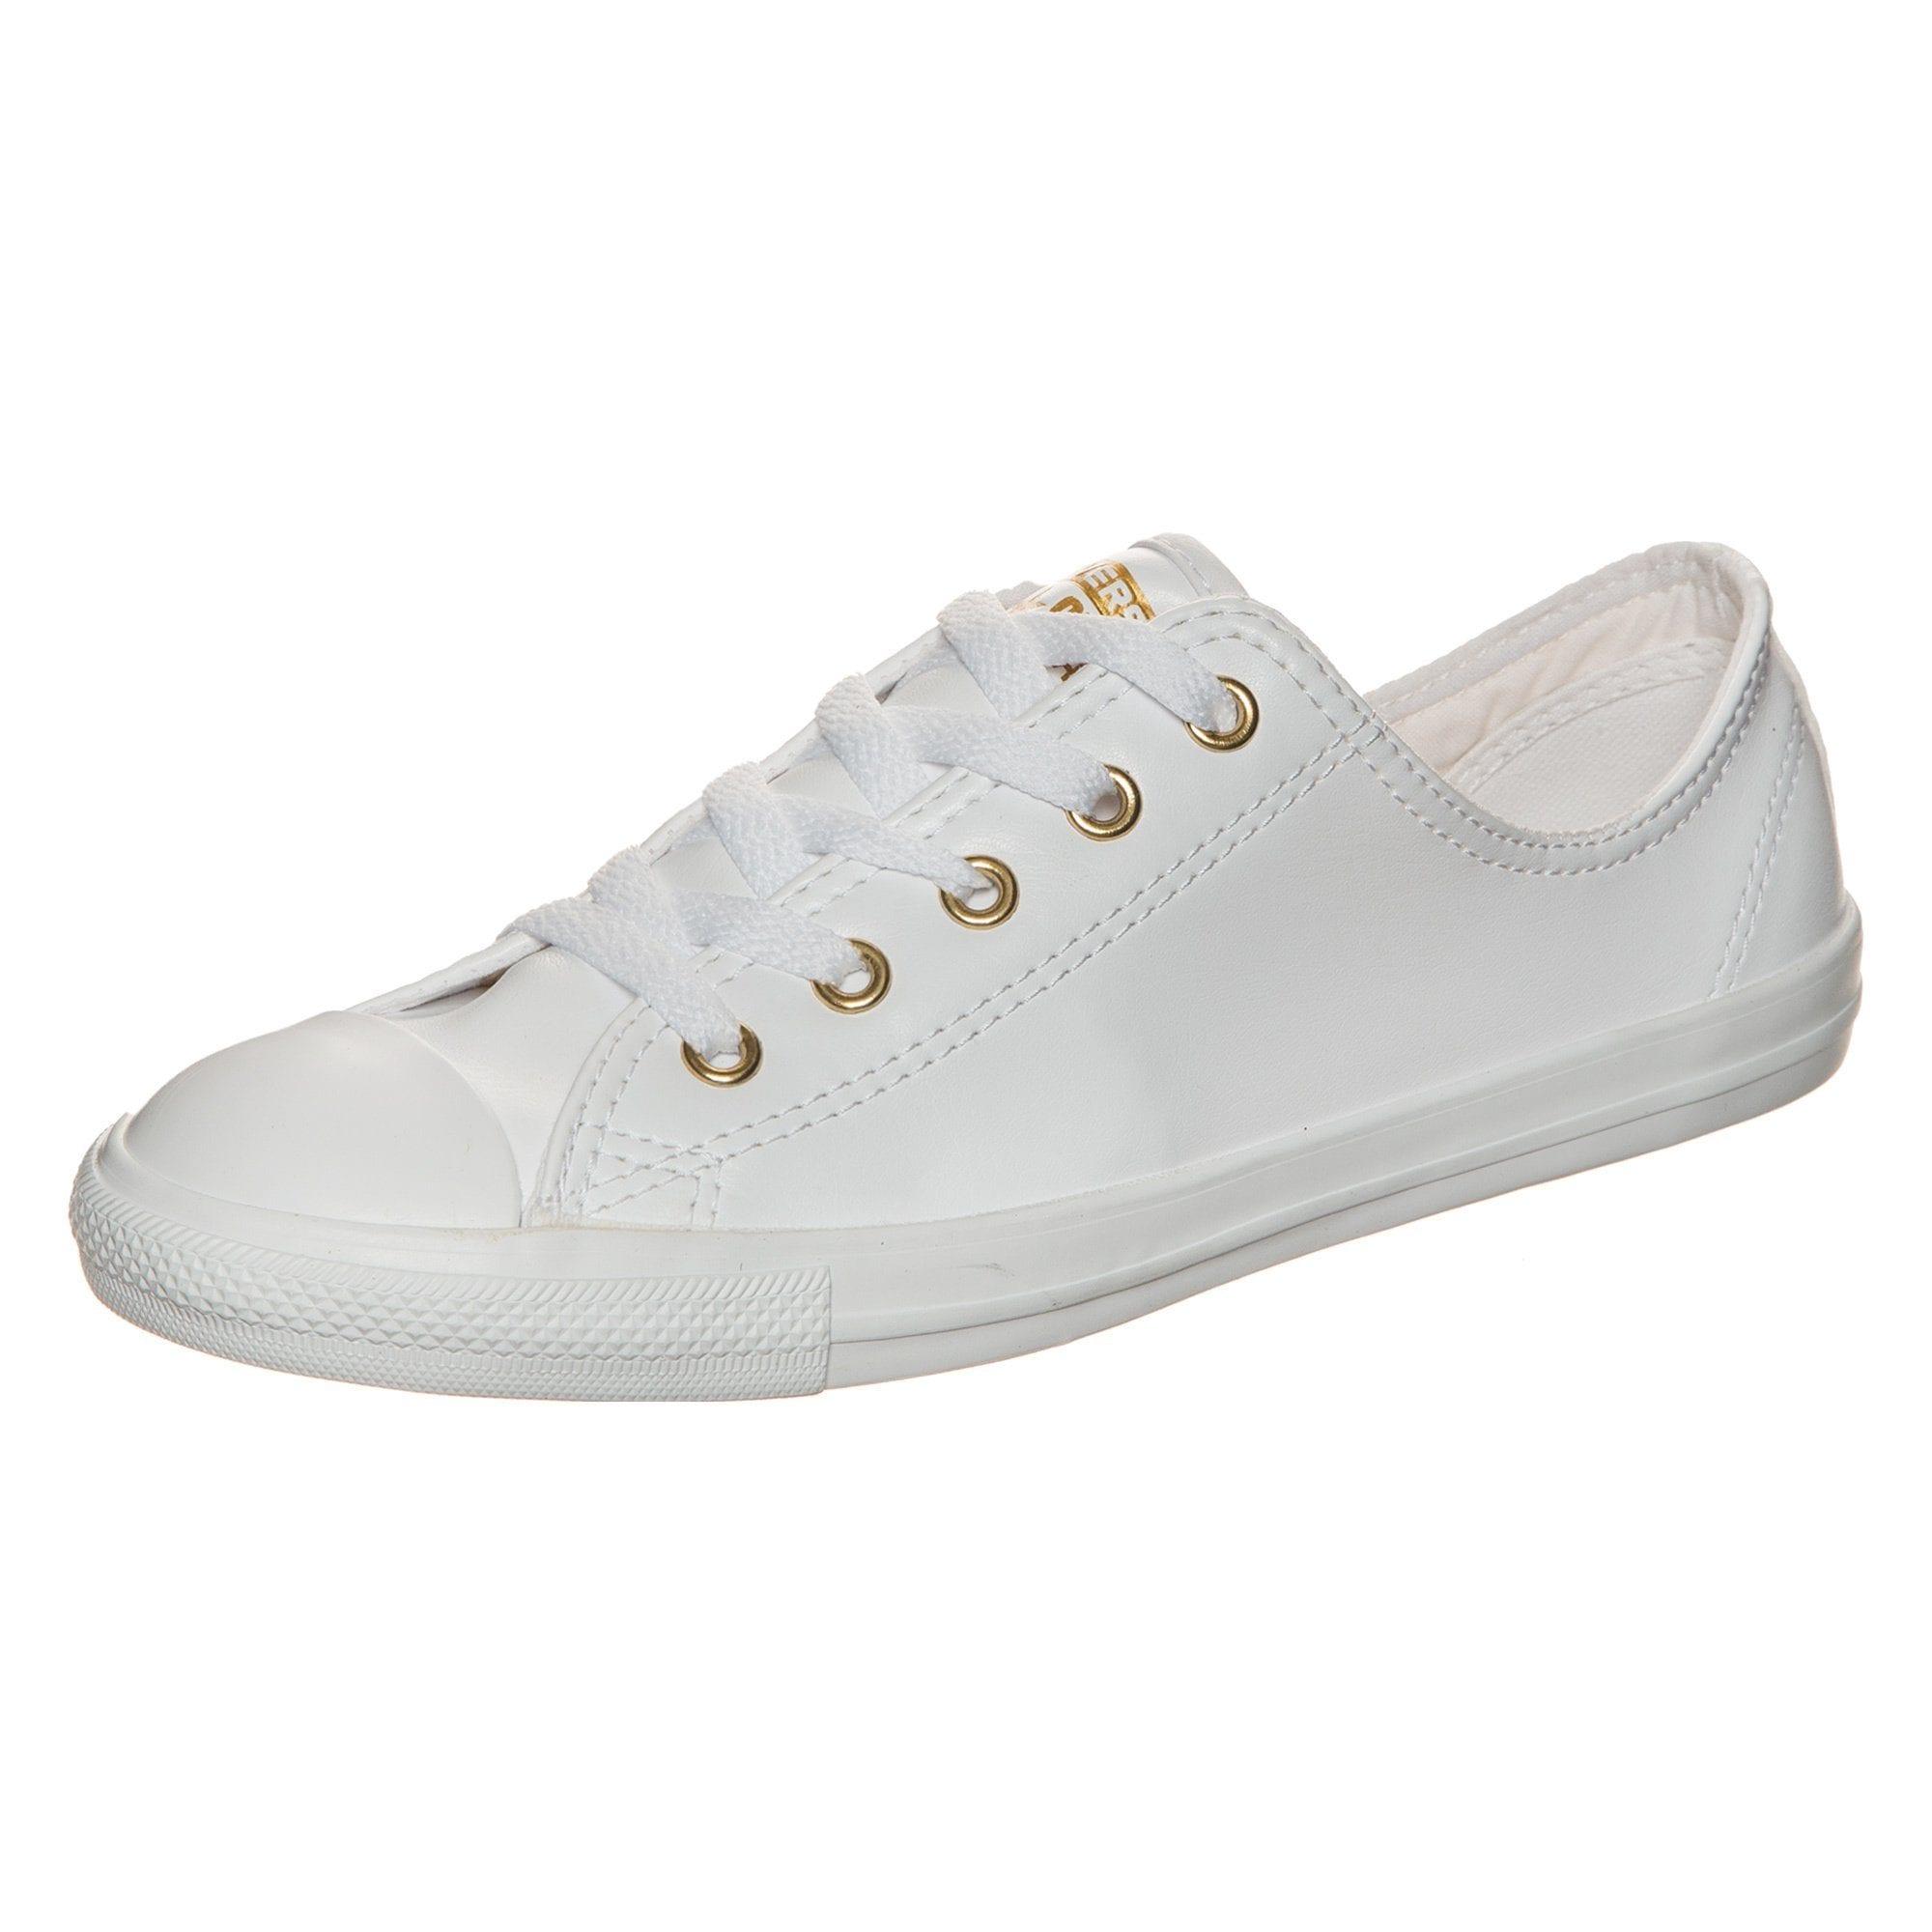 Converse Chuck Taylor All Star Dainty OX Sneaker Damen online bestellen |  BAUR